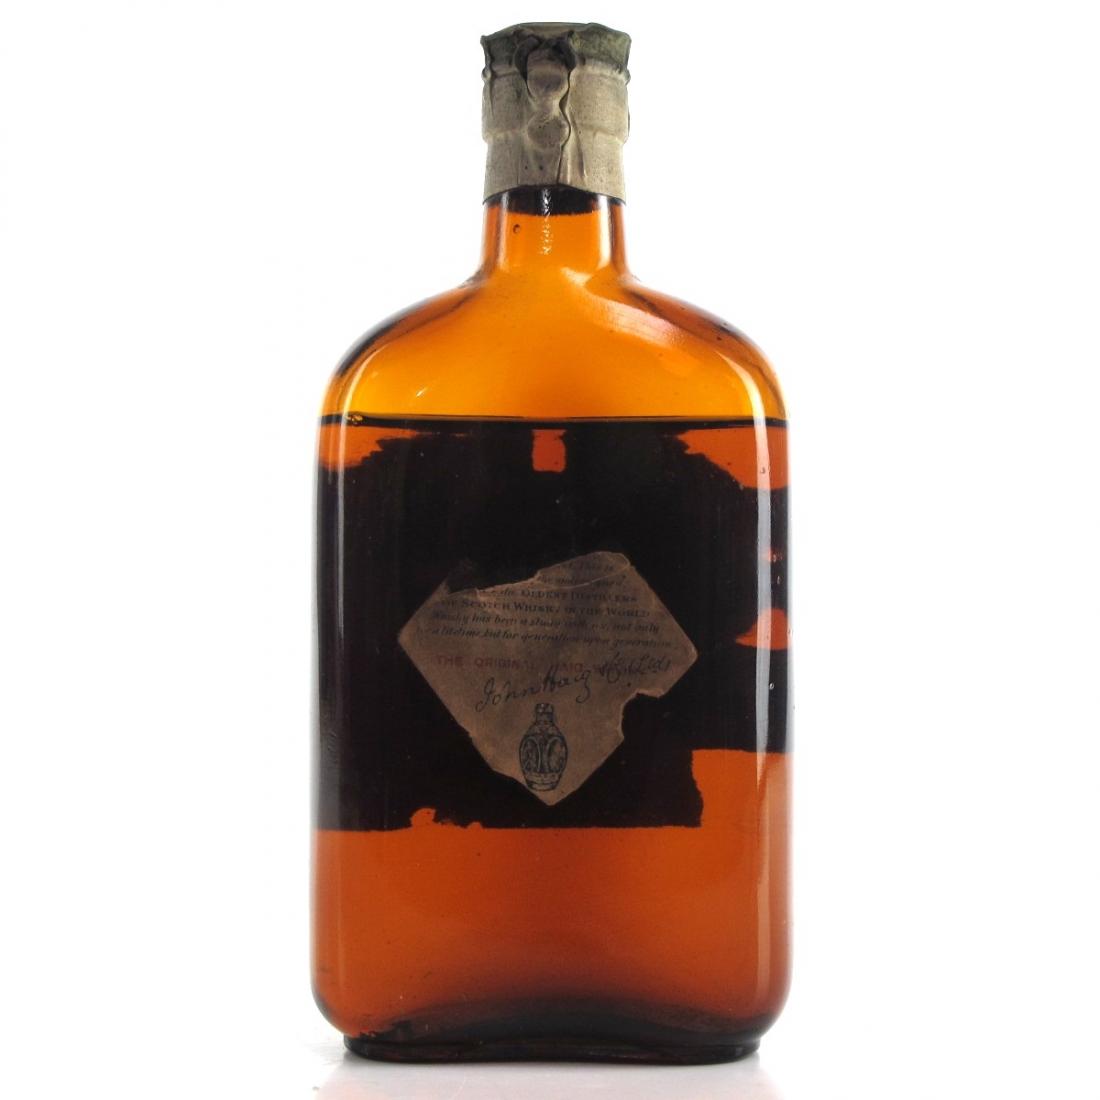 Haig Gold Label post-1936 Half Bottle